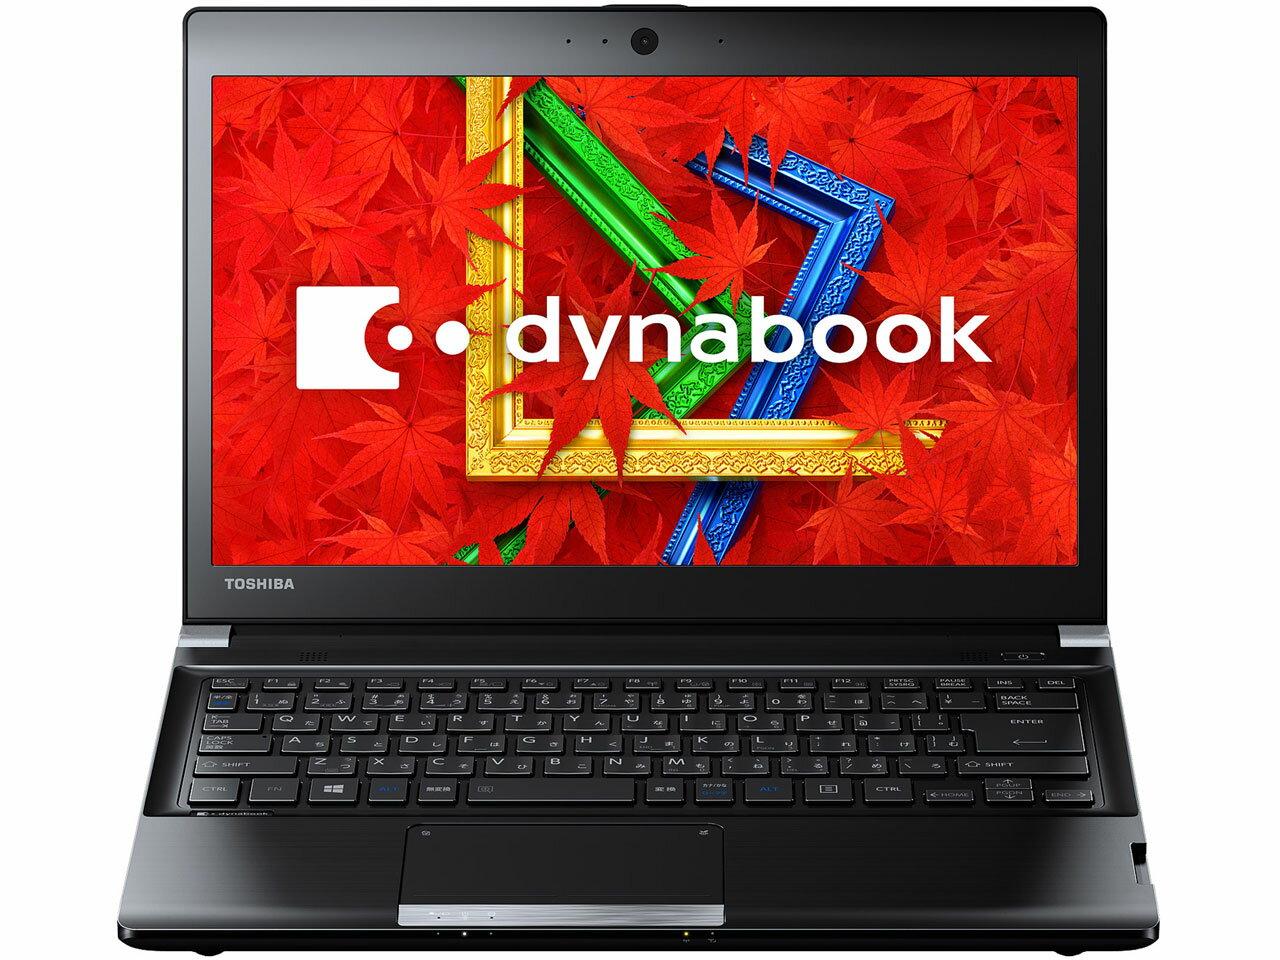 【送料無料】東芝 PR73438KBXB グラファイトブラック dynabook R734 R734/38KB [ノートパソコン 13...